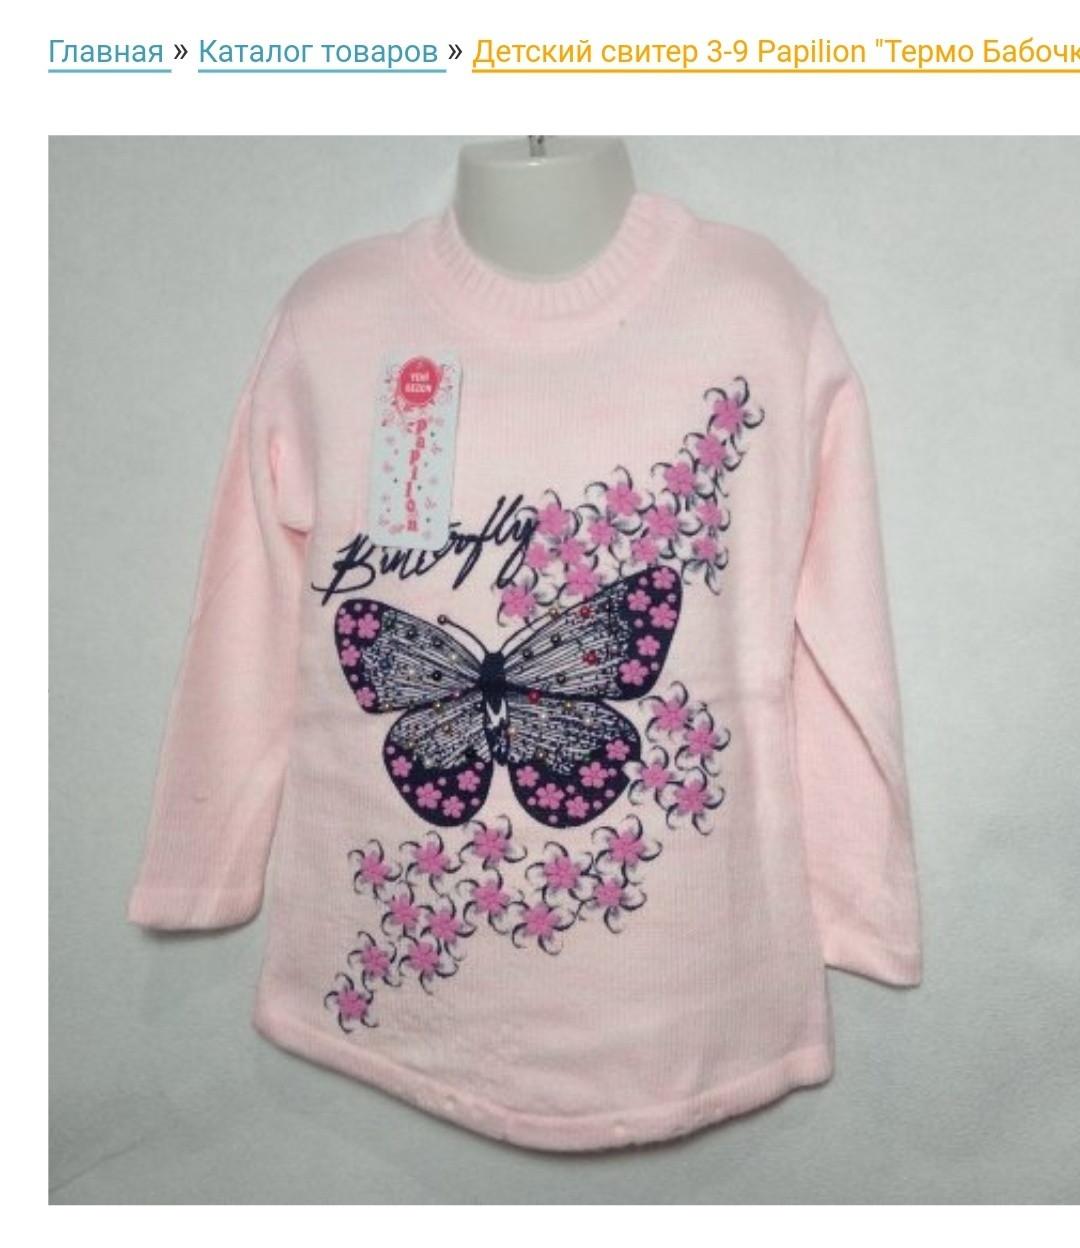 Детский свитер 3-7 Бабочка 38574